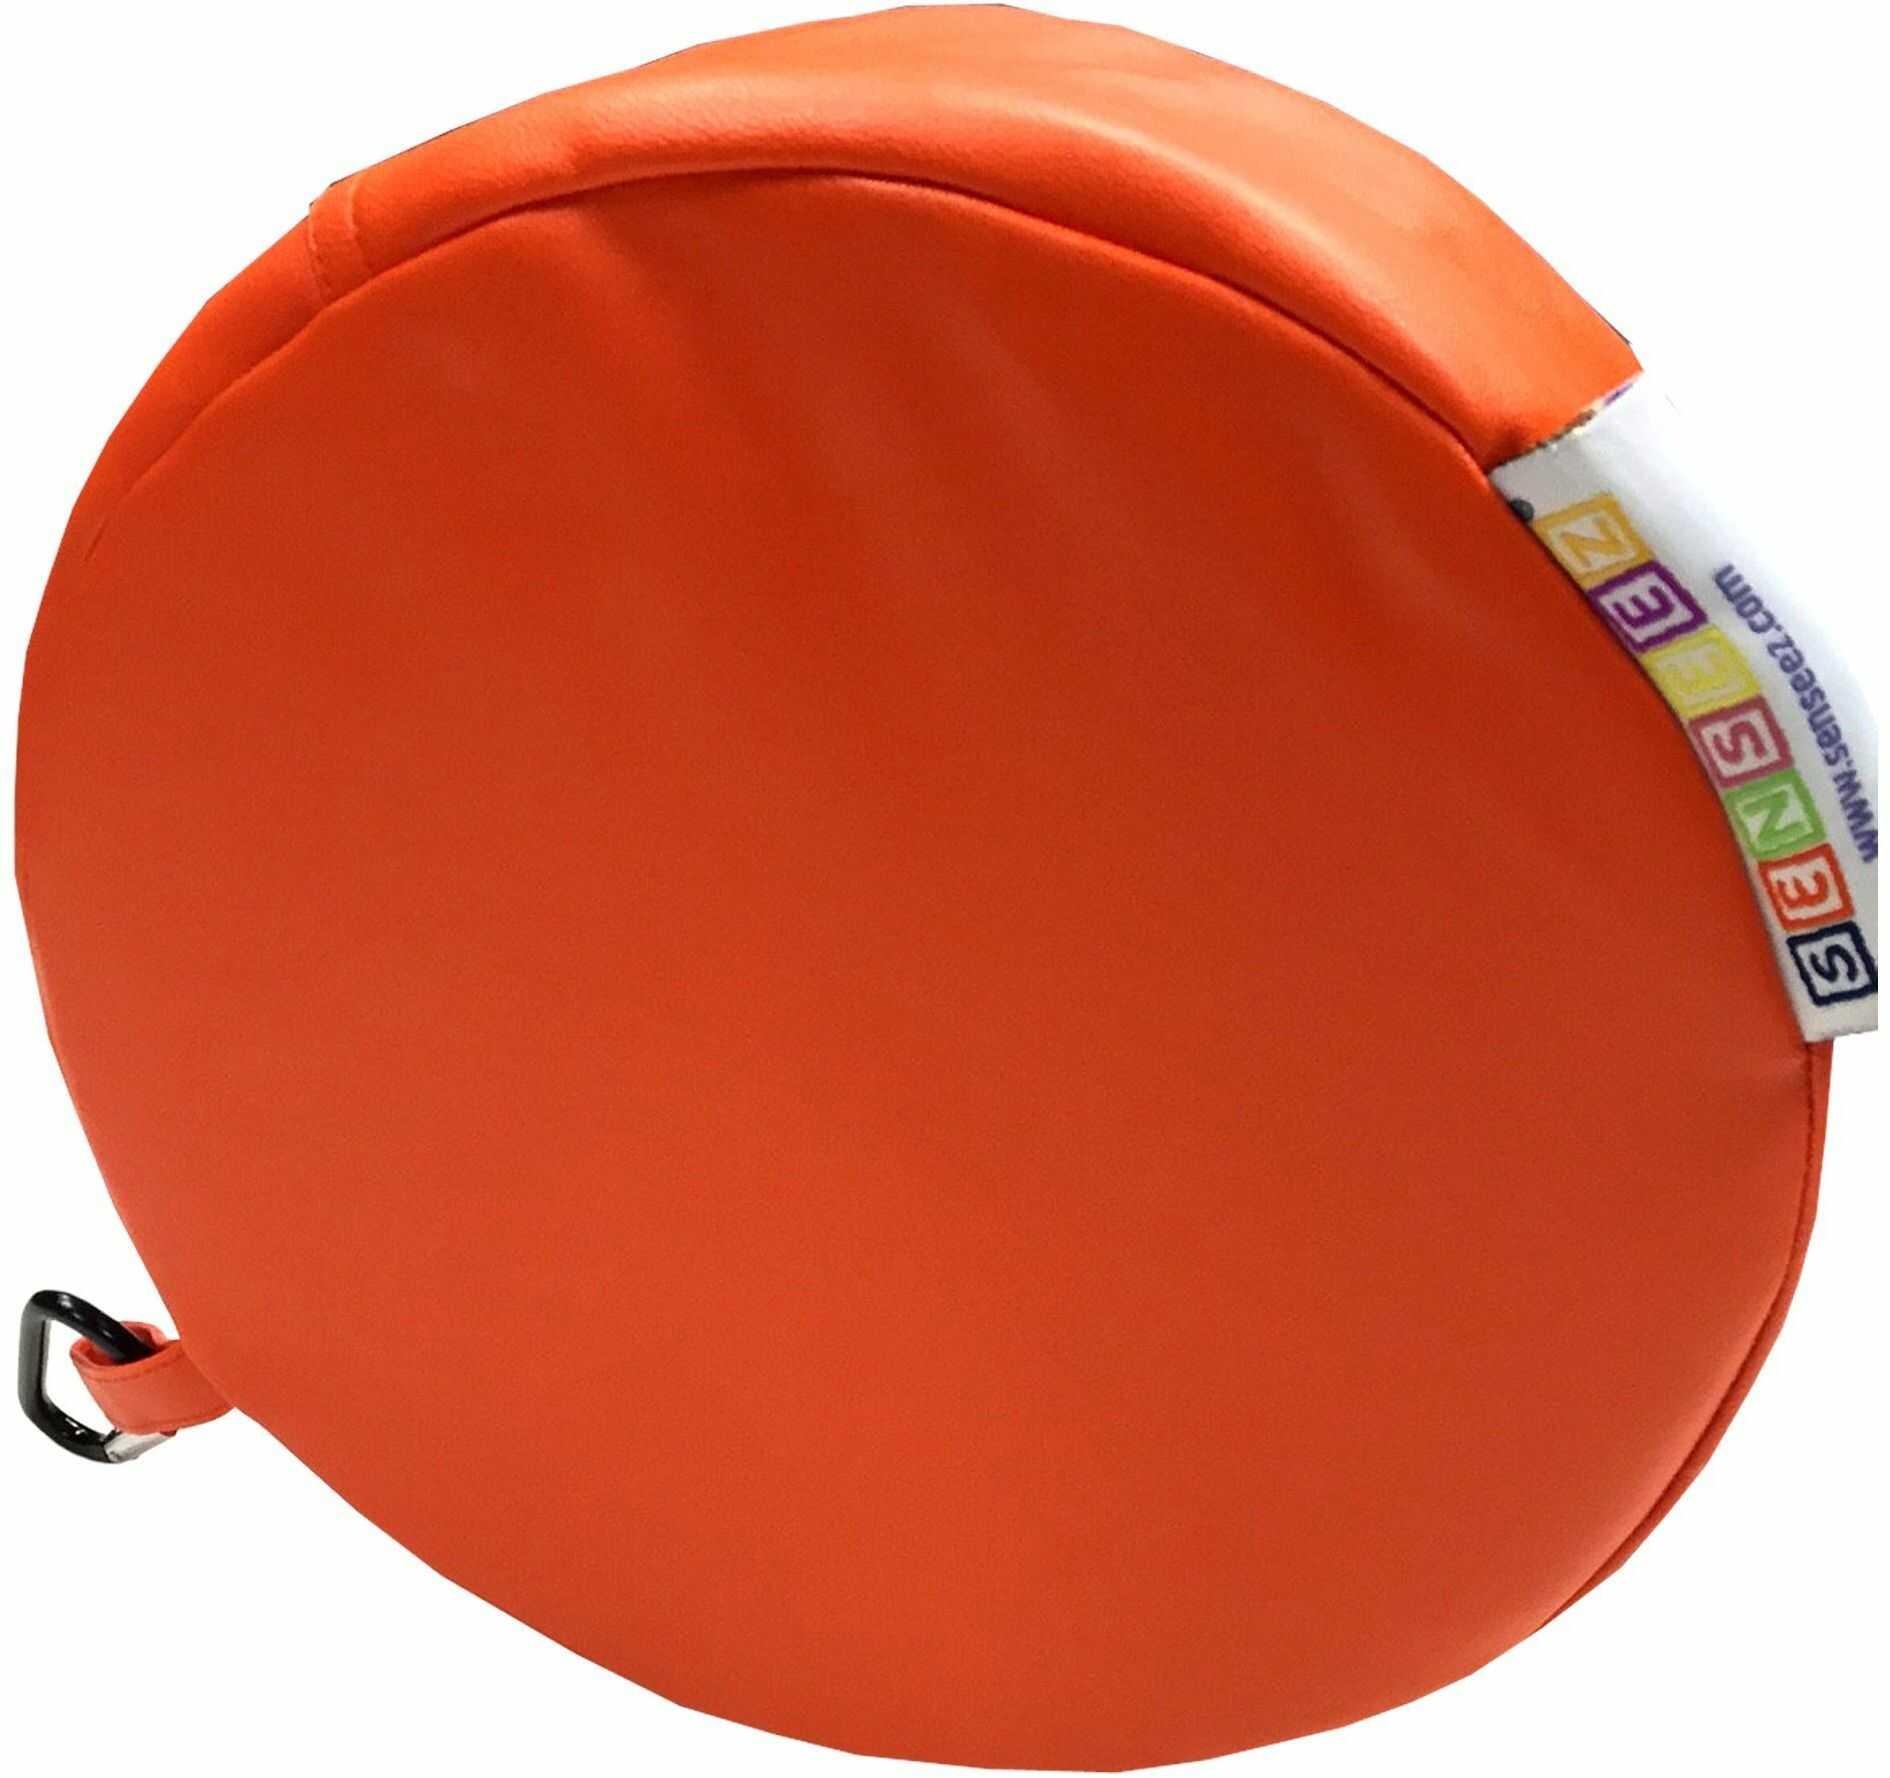 Senseez SENZ58704 okrągła poduszka, pomarańczowa